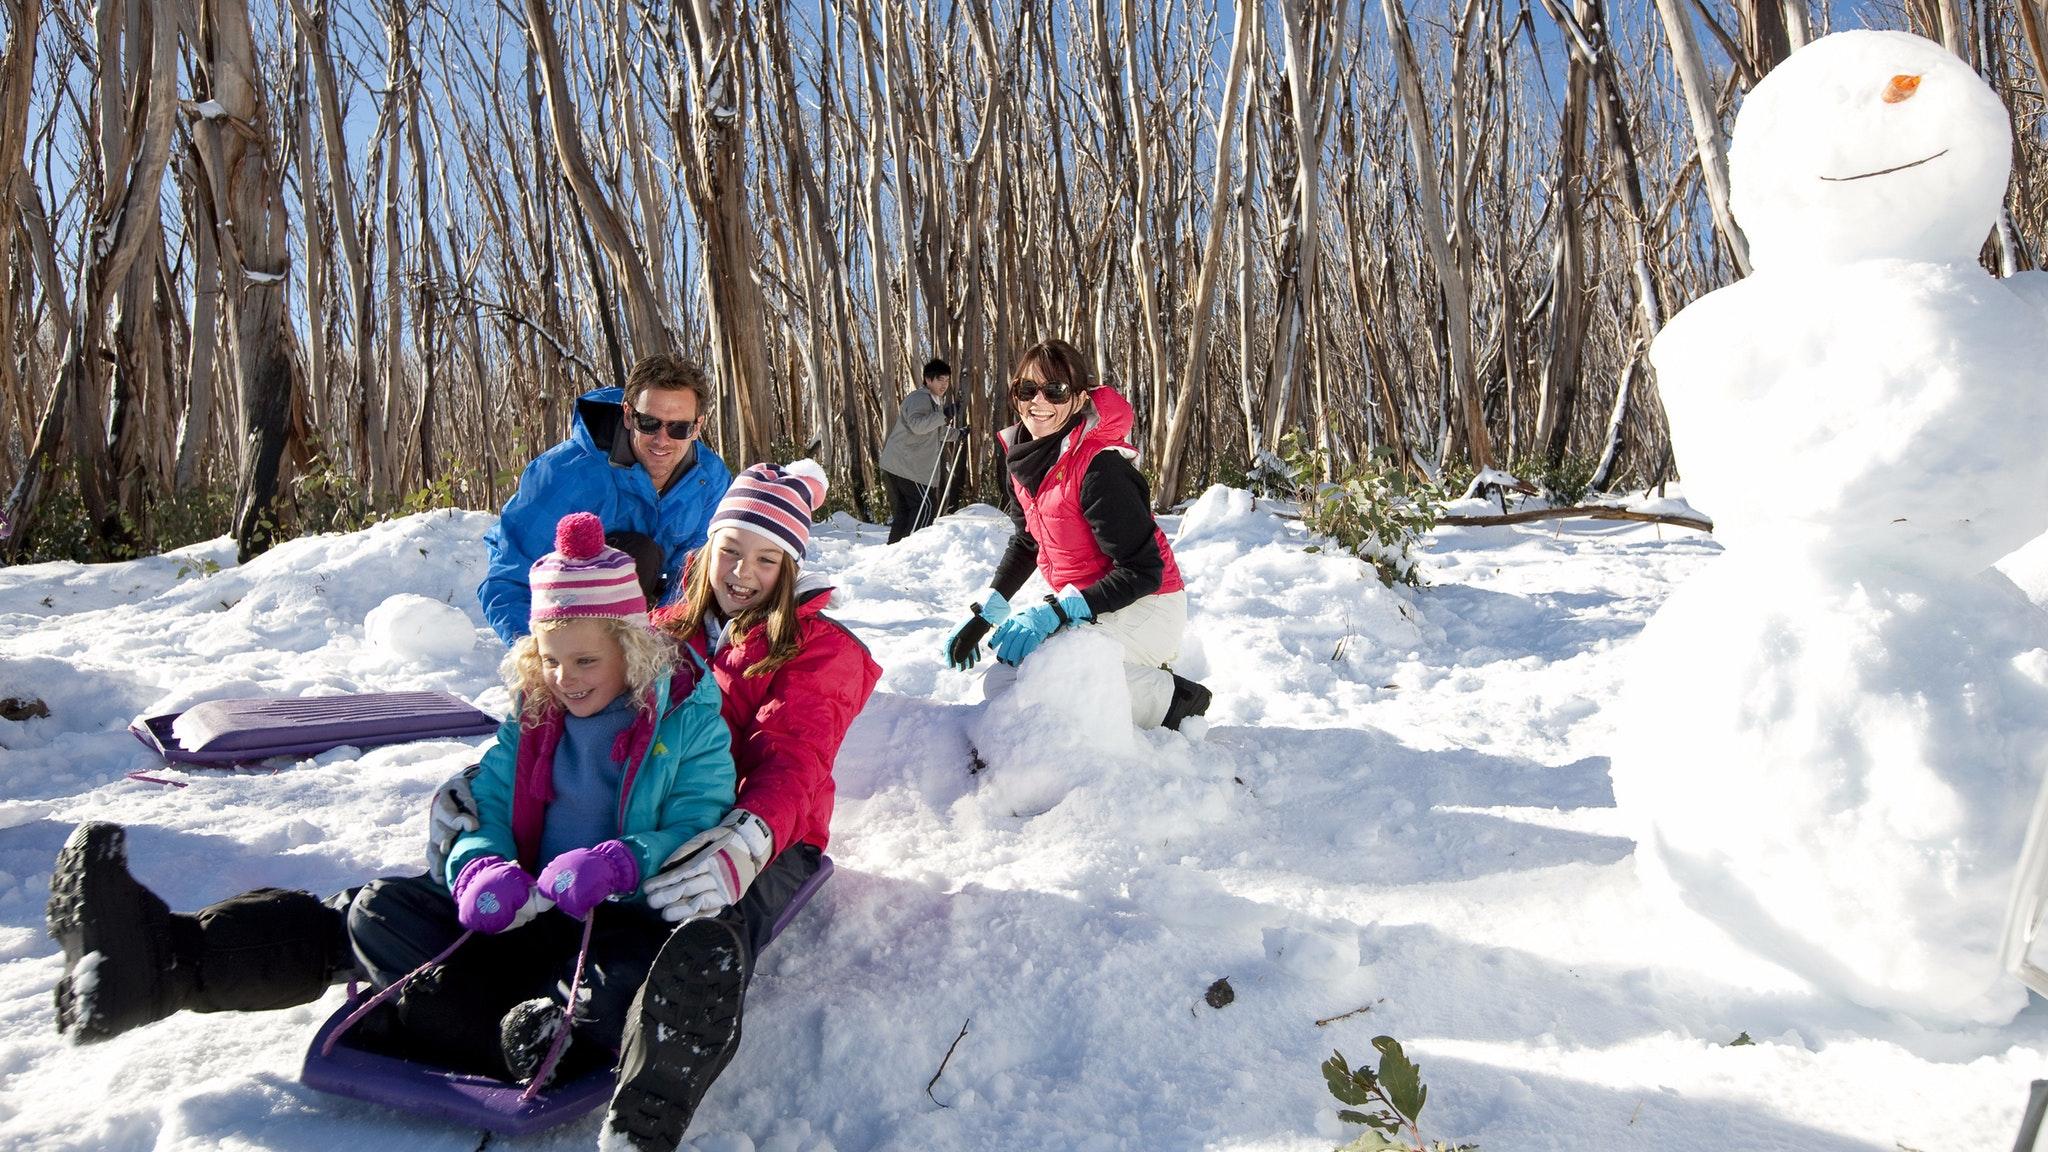 Lake Mountain Snow Private Tour